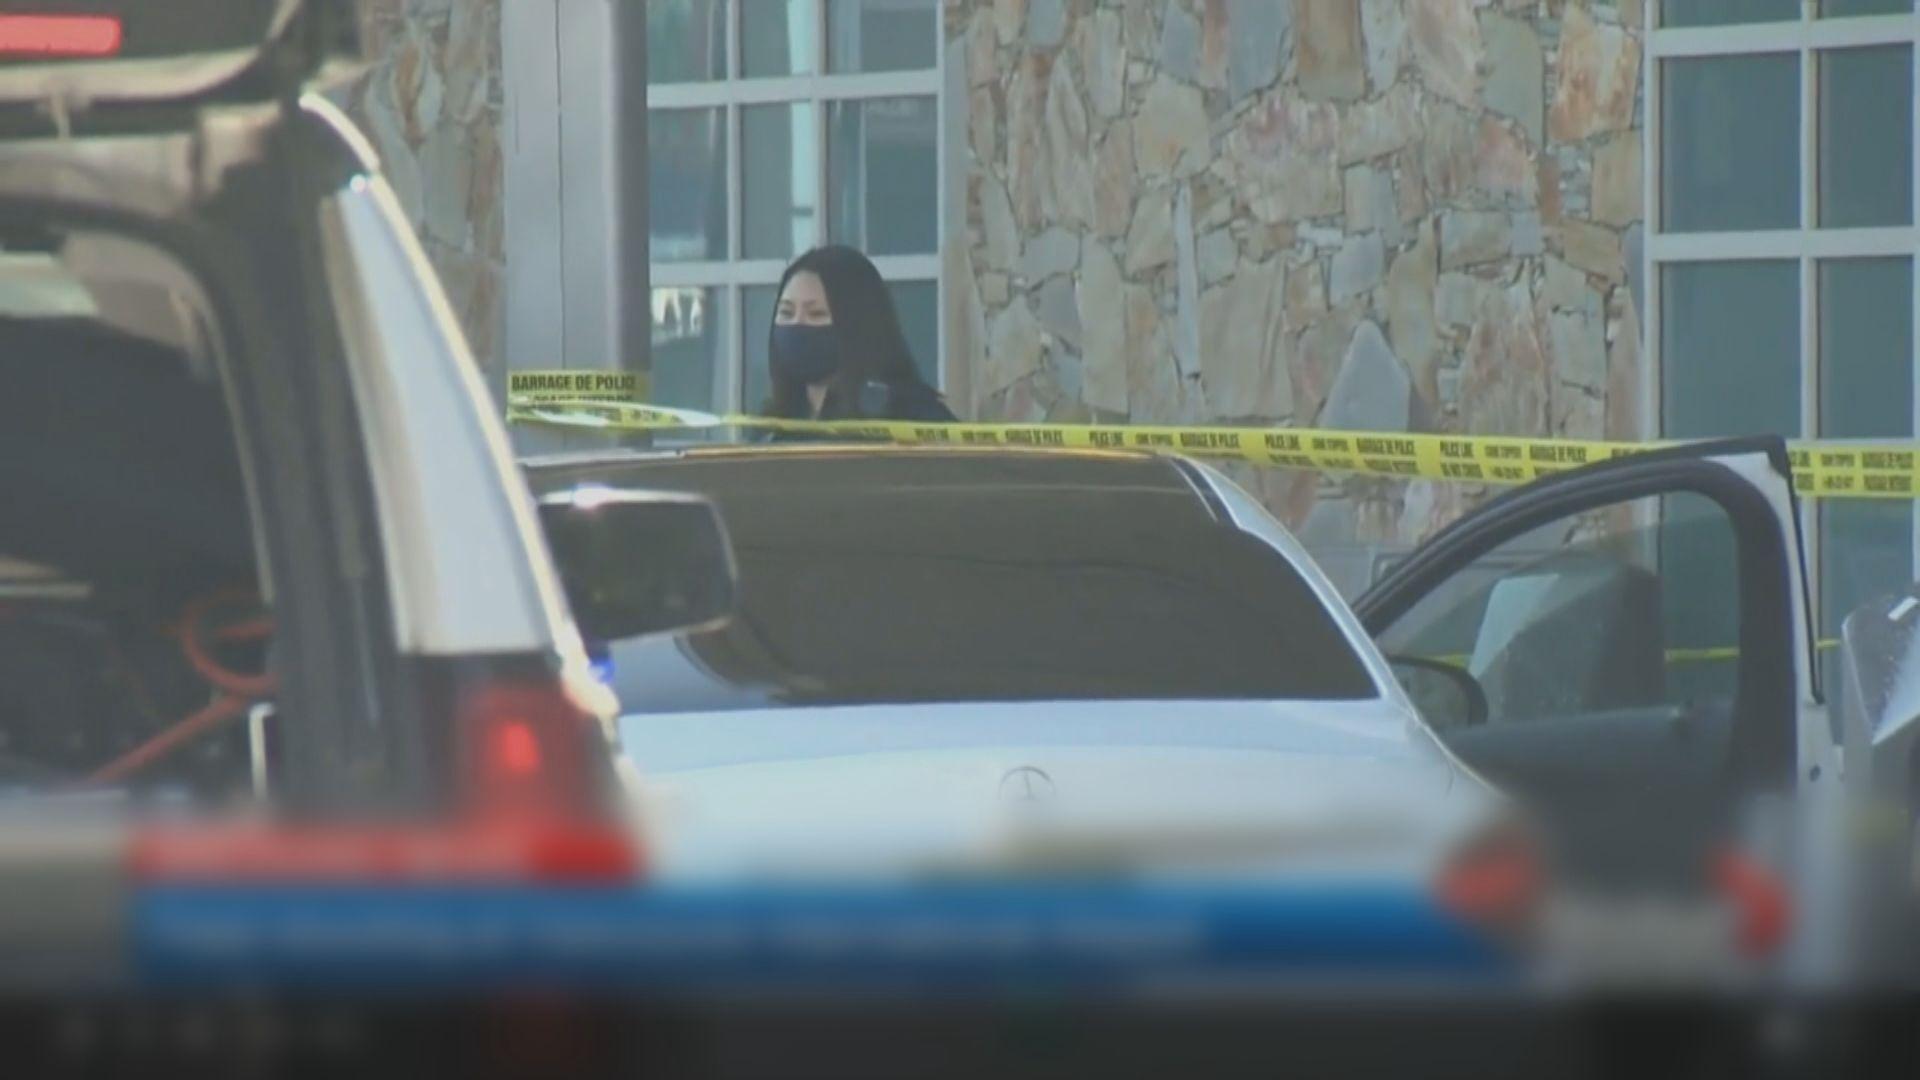 溫哥華國際機場槍擊案釀一死 當局追捕最少2名疑犯